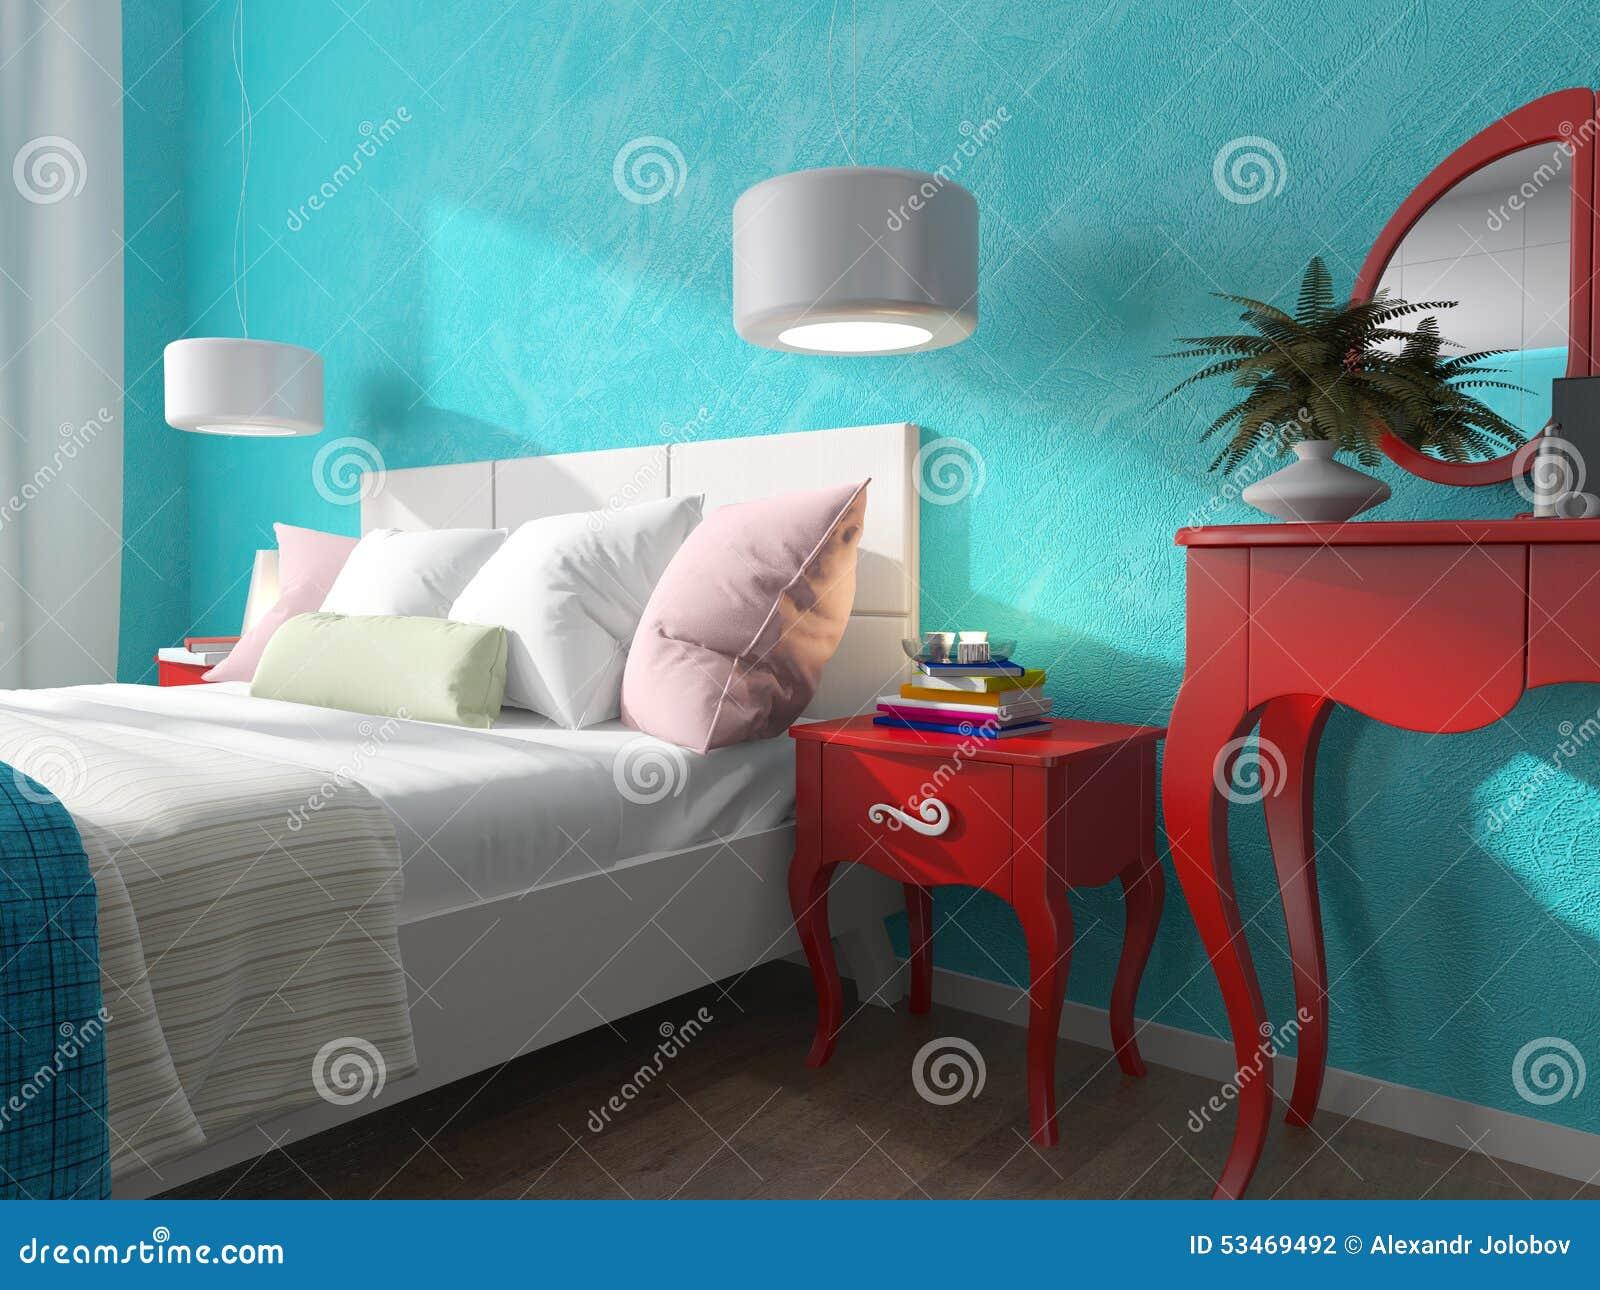 Sovrum med turkosväggar och nattduksbord stock illustrationer ...